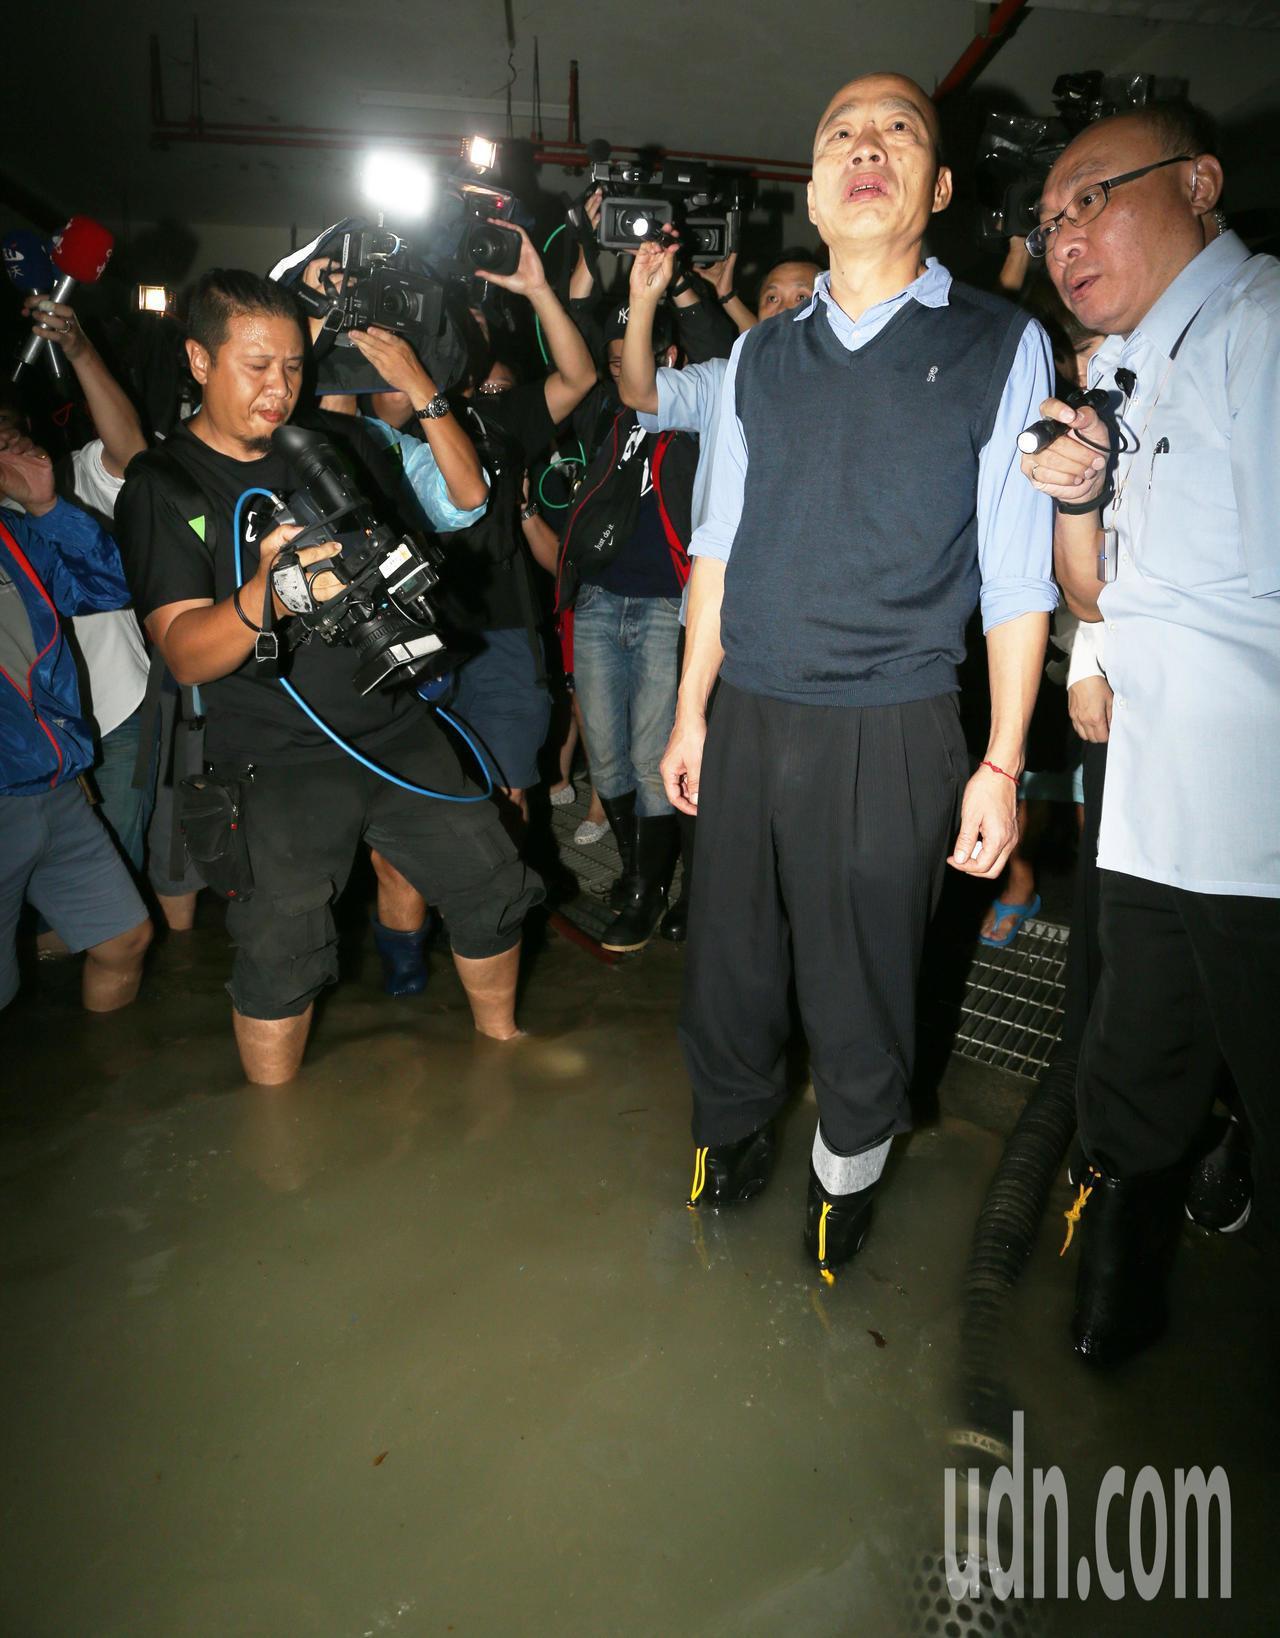 高雄市長韓國瑜今天下午臨時安排行程,到苓雅區一棟大樓視察地下室淹水情況,他還親自...